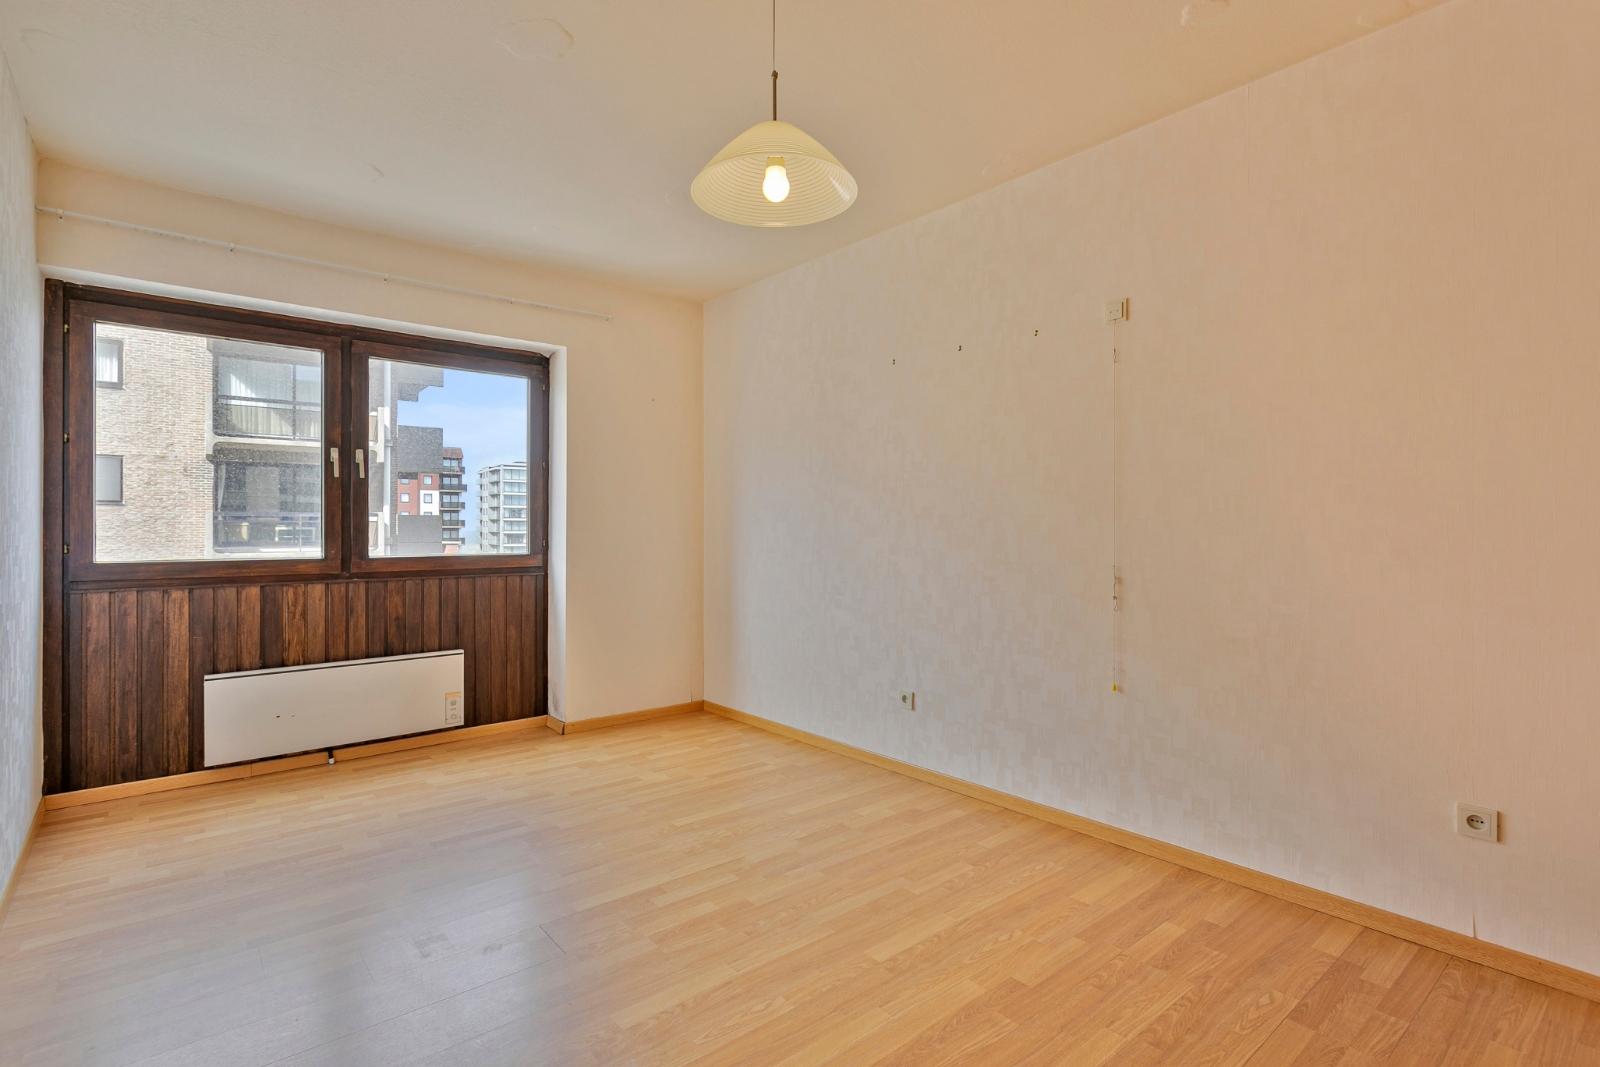 Ruim appartement met zicht op de Leopold I Esplanade. - 8